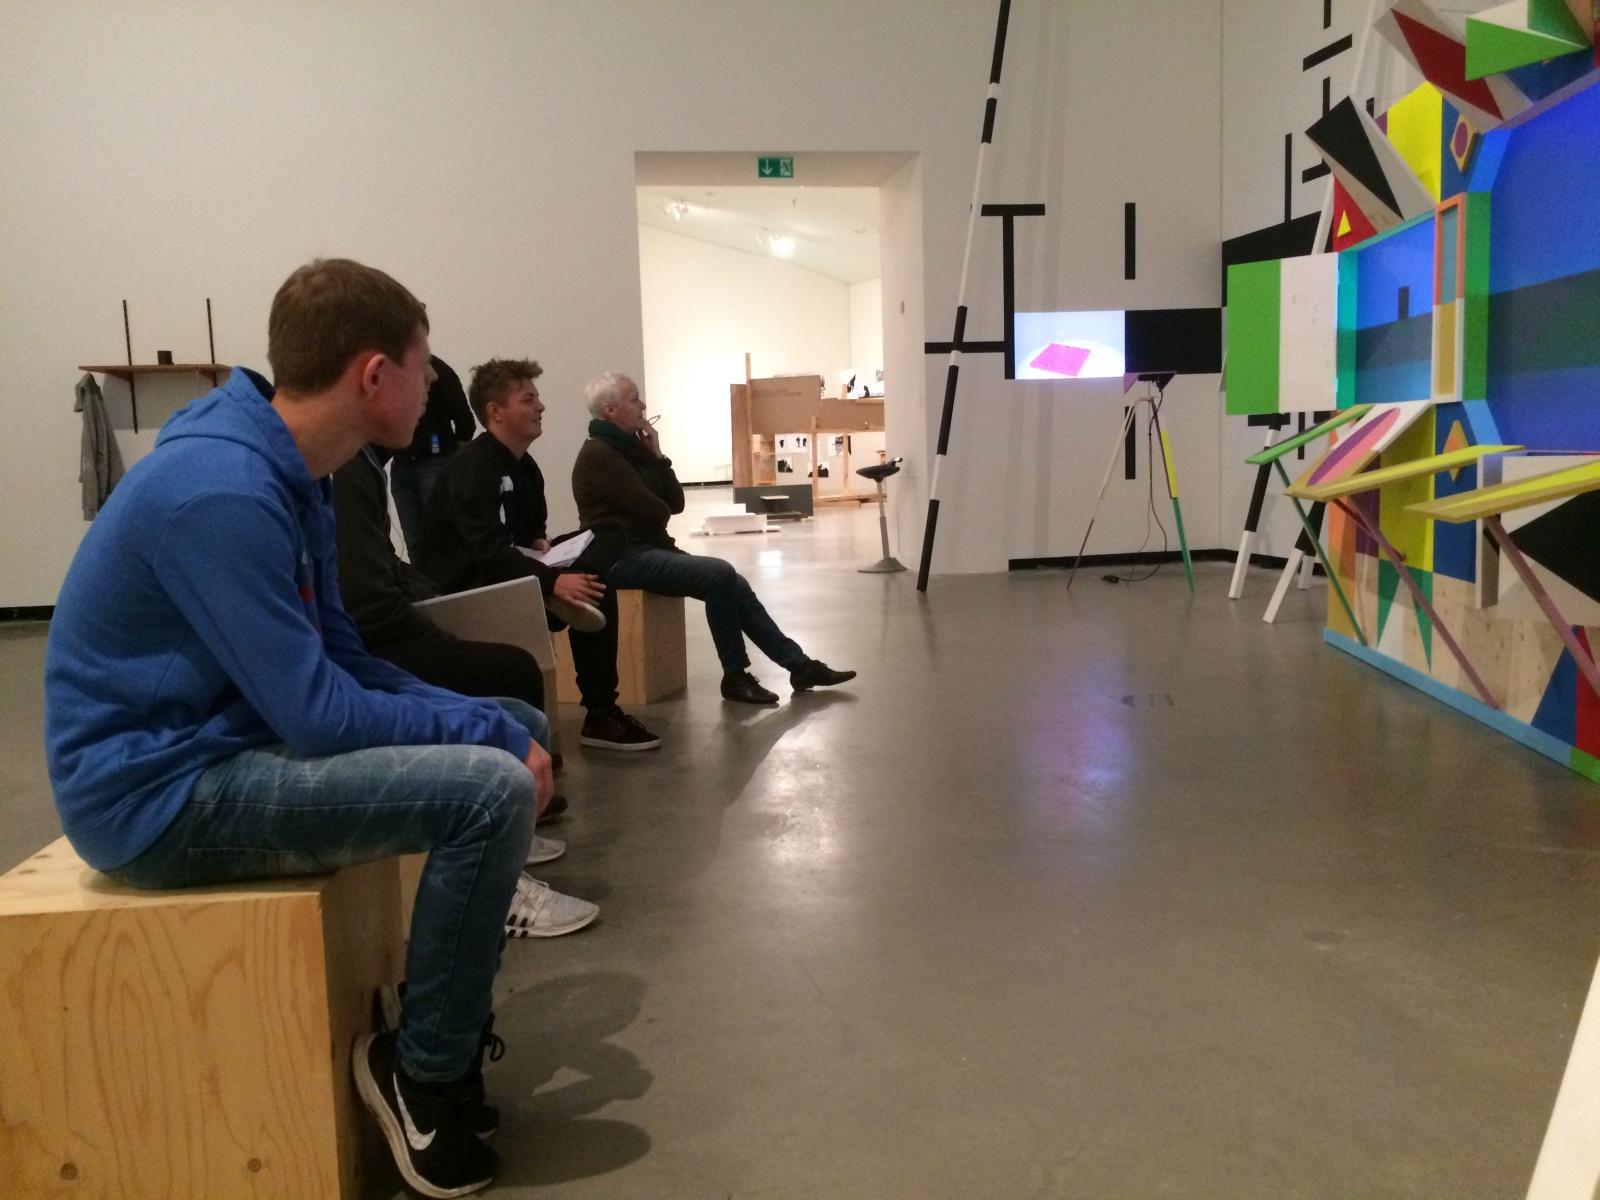 Q1 besucht das Museum Marta in Herford | Gymnasium Horn-Bad Meinberg